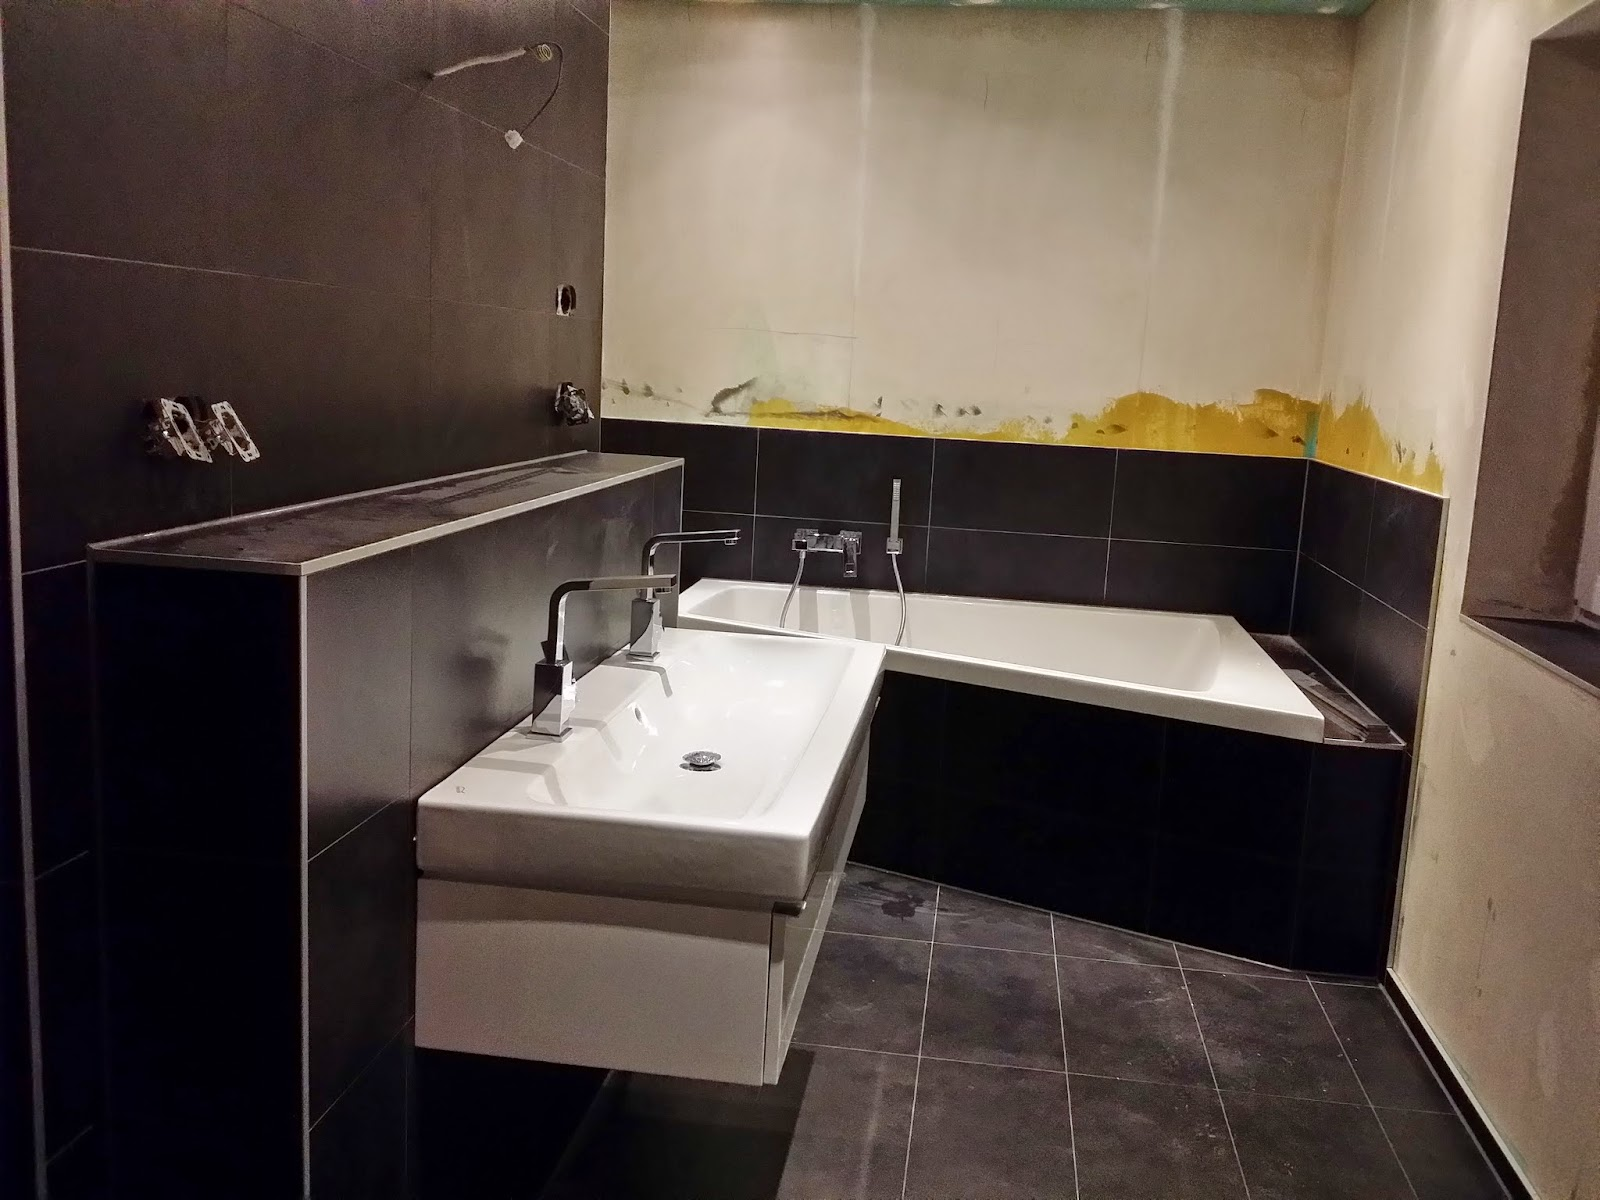 baublog wir bauen in neesbach januar 2015. Black Bedroom Furniture Sets. Home Design Ideas